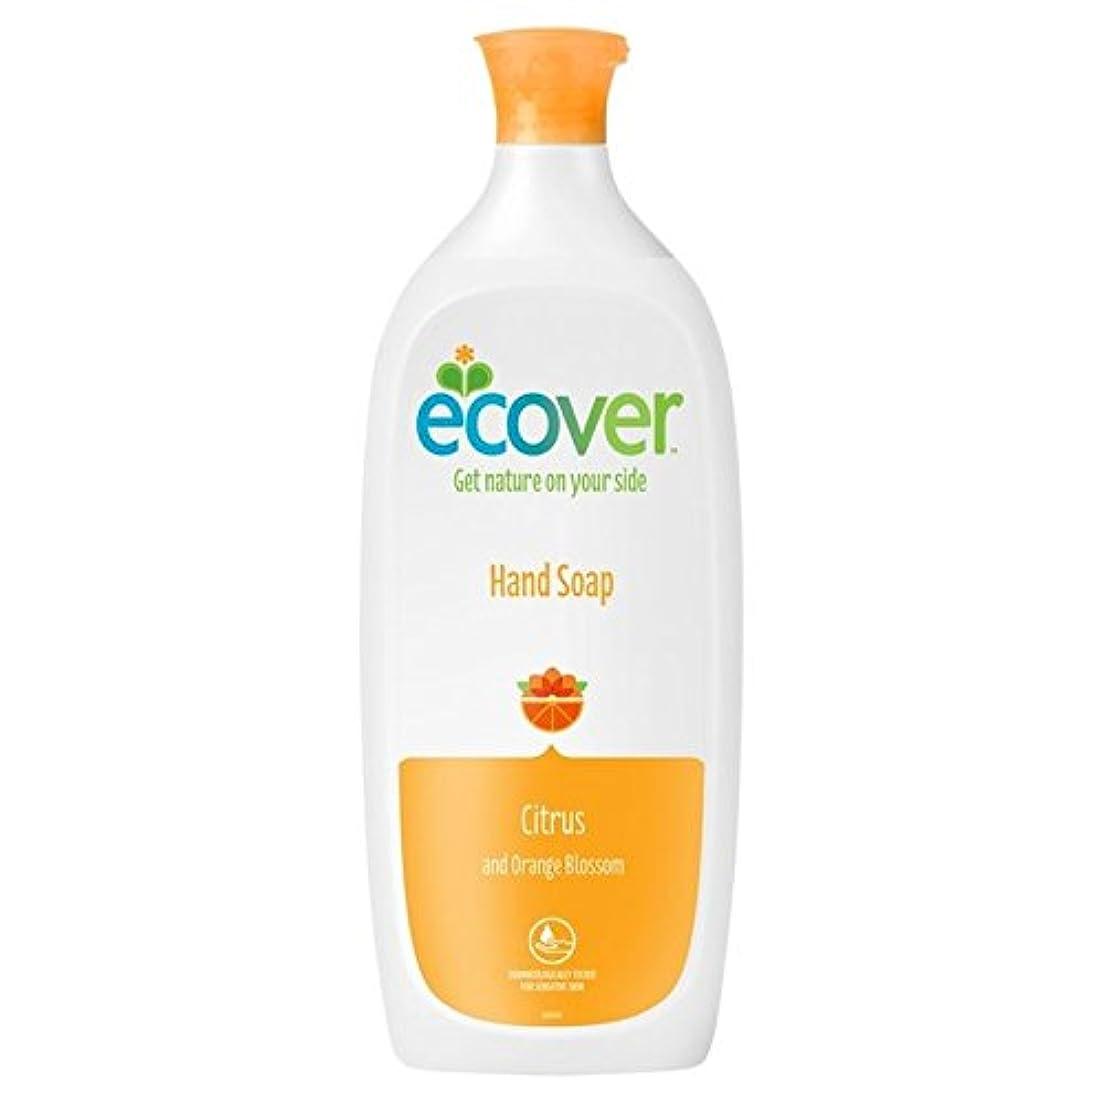 ビーチ手当マウントバンクエコベール液体石鹸シトラス&オレンジの花のリフィル1リットル x4 - Ecover Liquid Soap Citrus & Orange Blossom Refill 1L (Pack of 4) [並行輸入品]